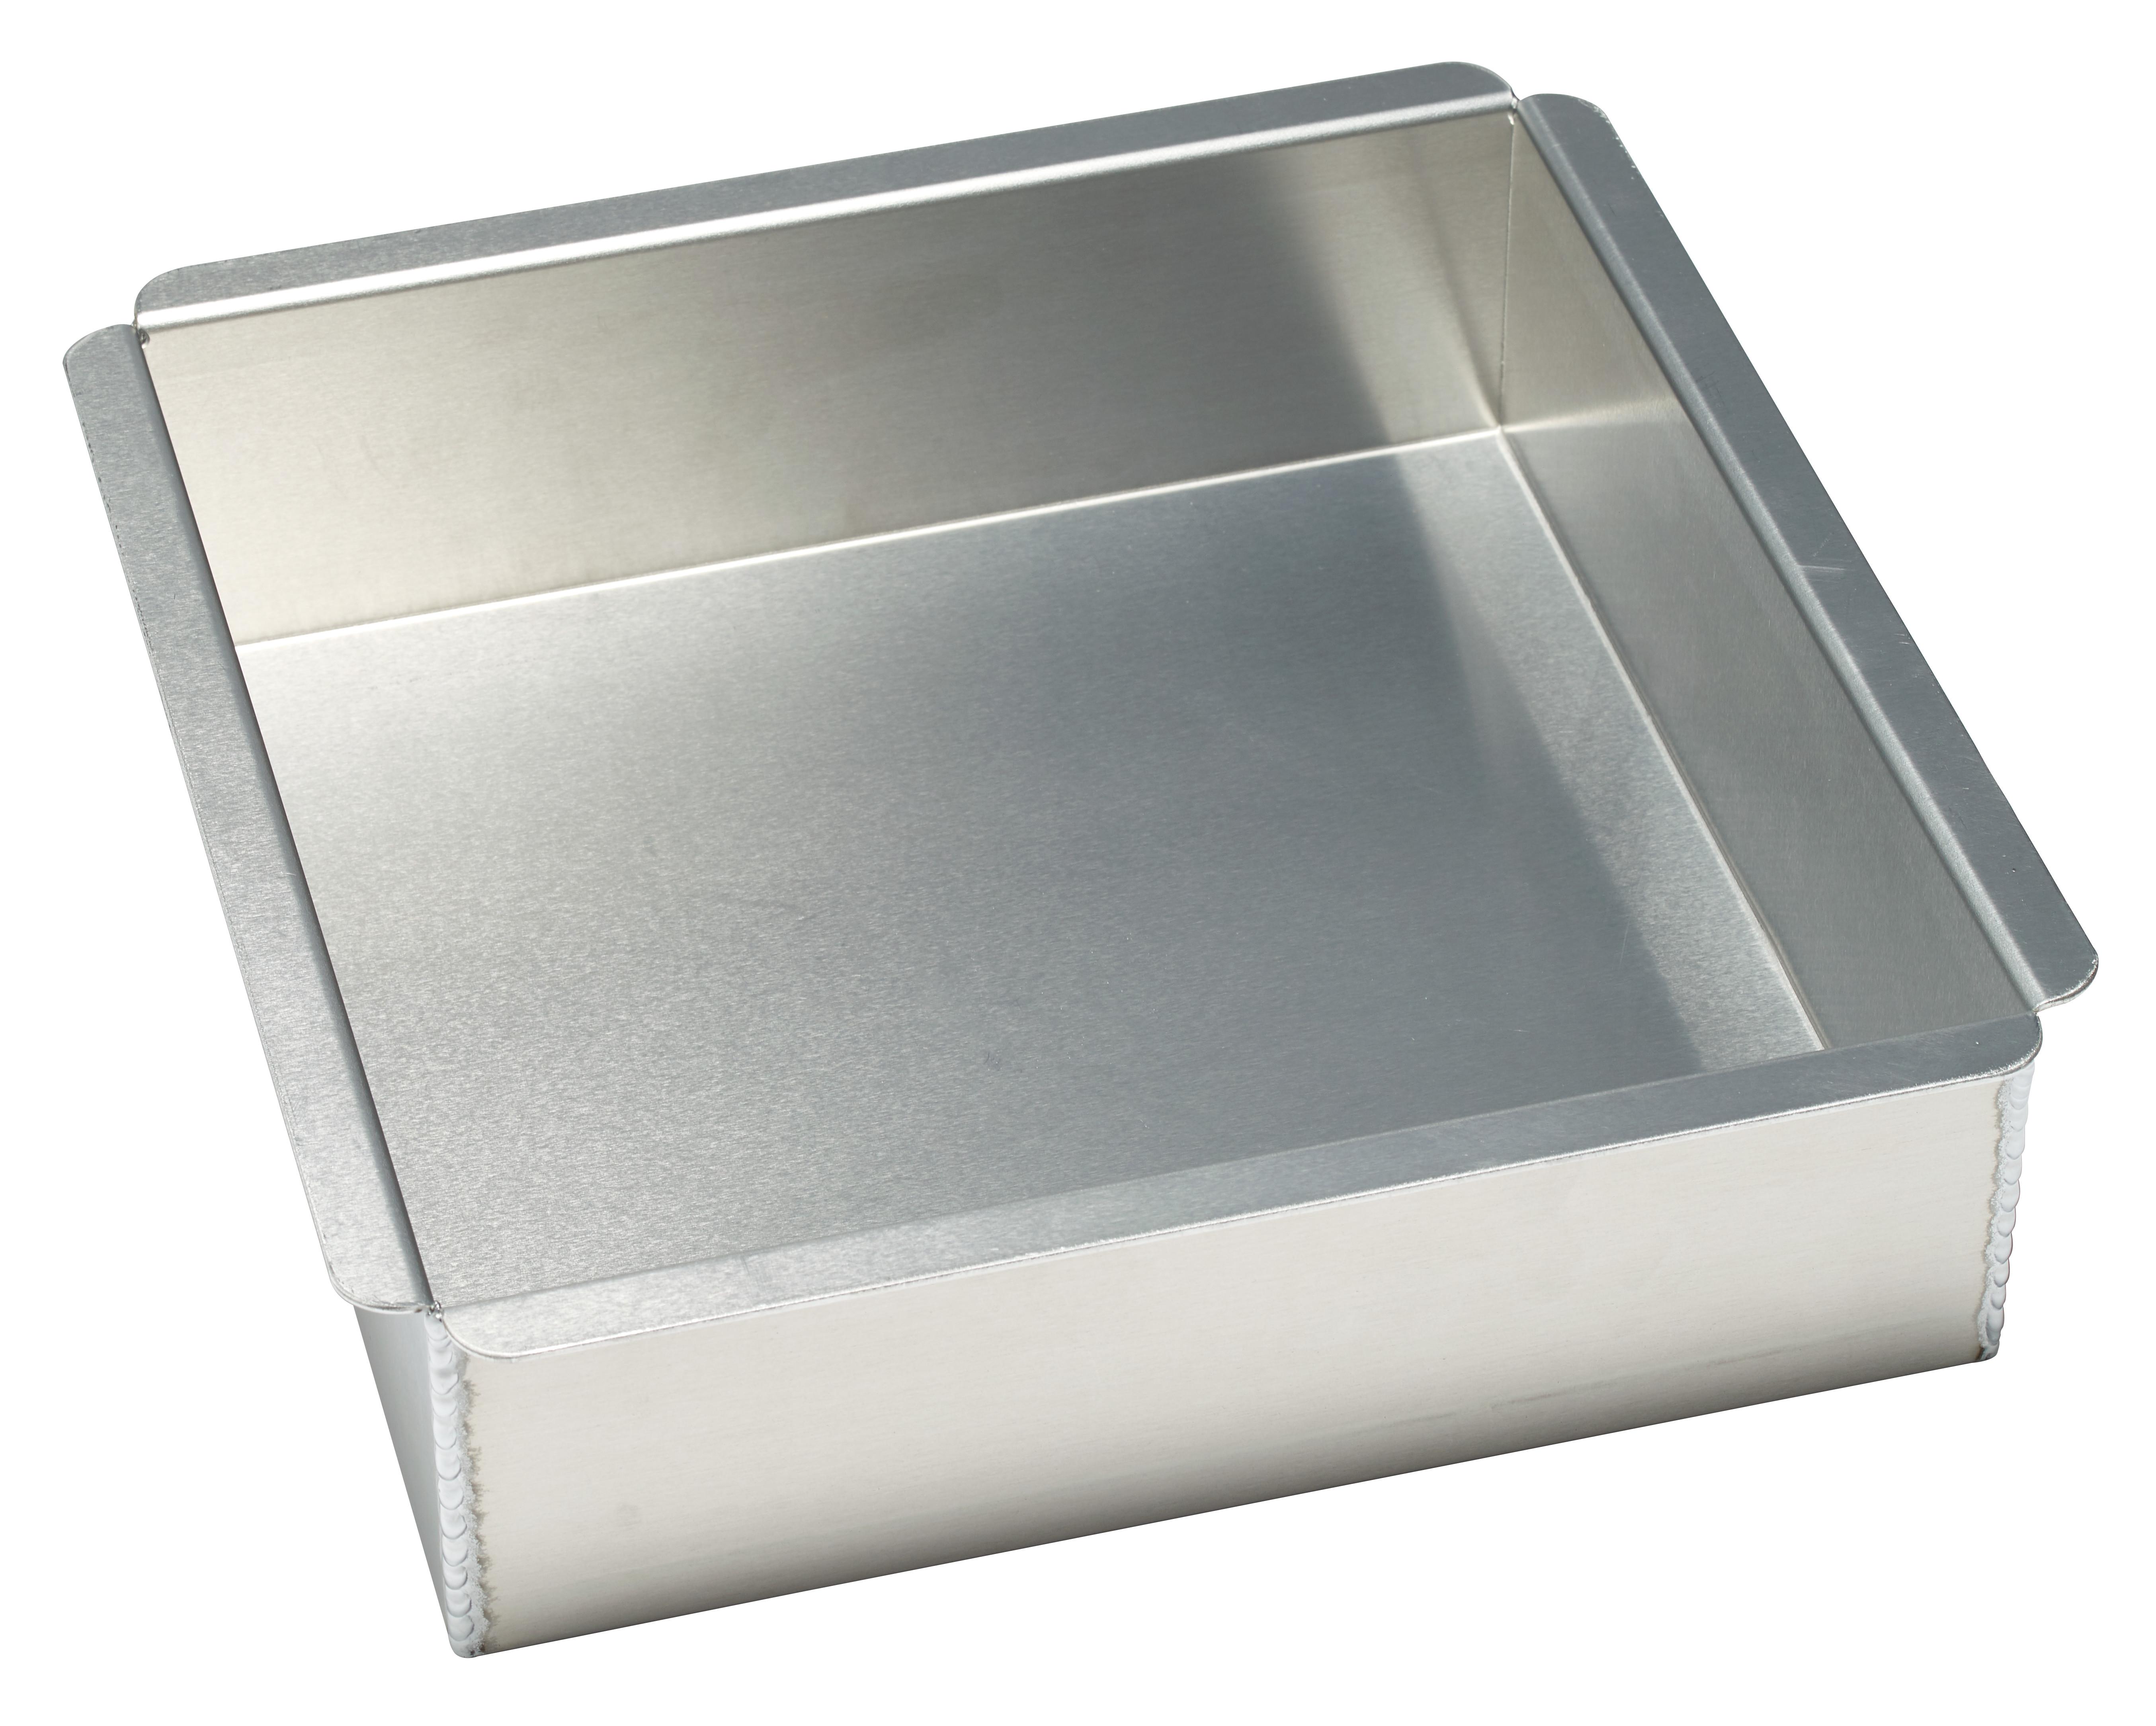 14 Gauge Square Aluminum 10 Quot L X 10 Quot W X 3 Quot H Pan Decopac